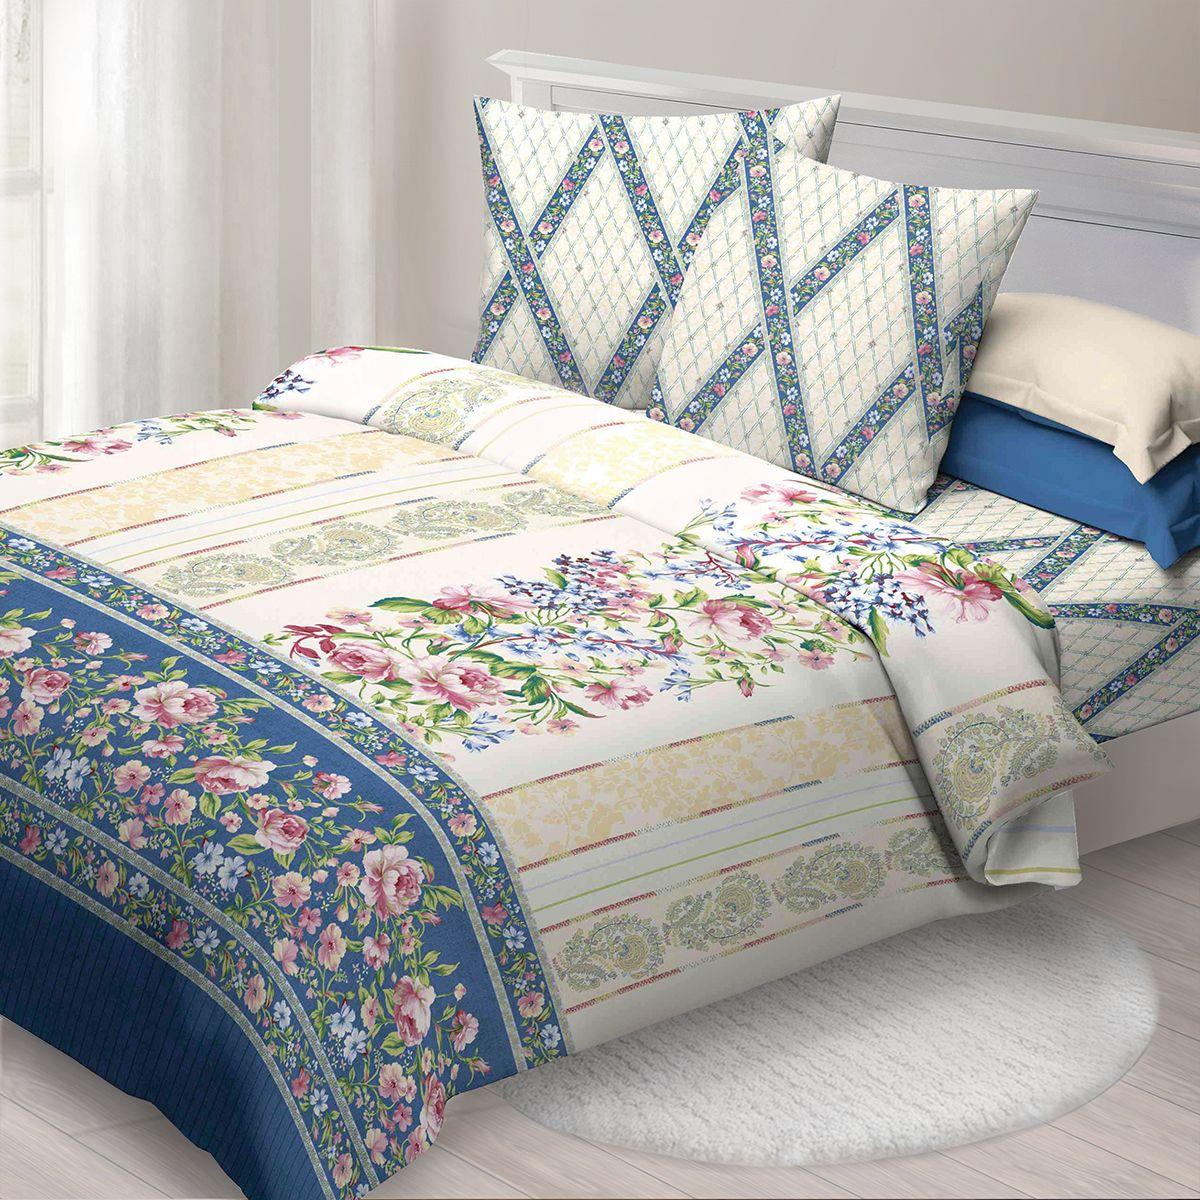 Комплект белья Спал Спалыч Соблазн, евро, наволочки 70x70, цвет: синий. 3523-182470